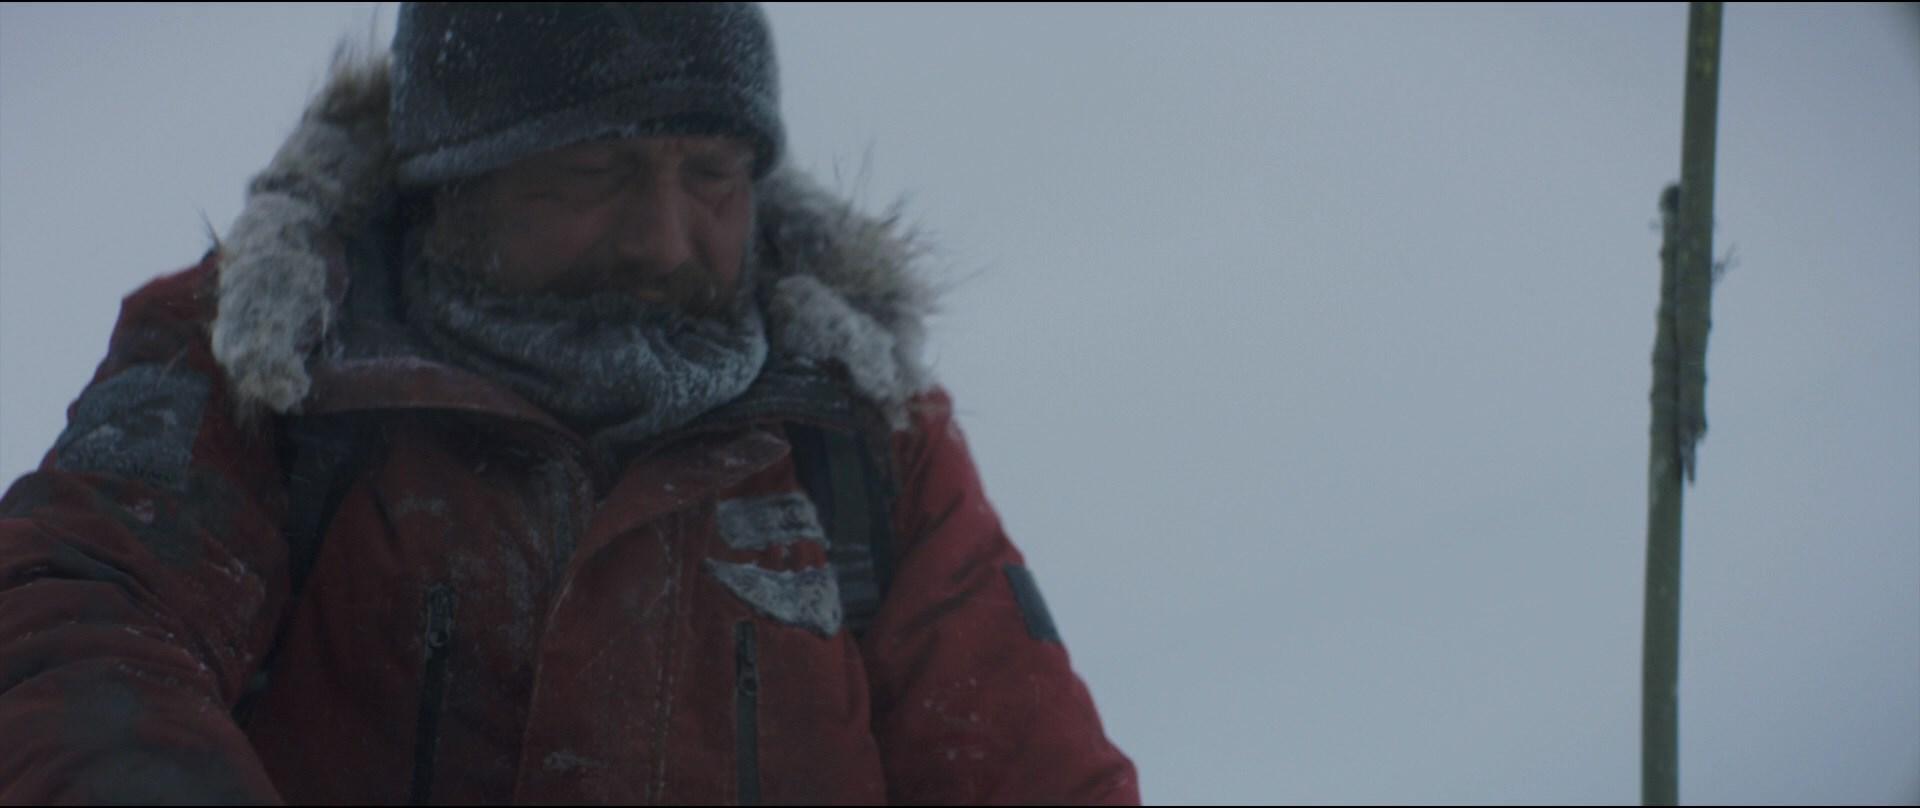 [Resim: arctic.2018.1080p.bluiwk8h.jpg]